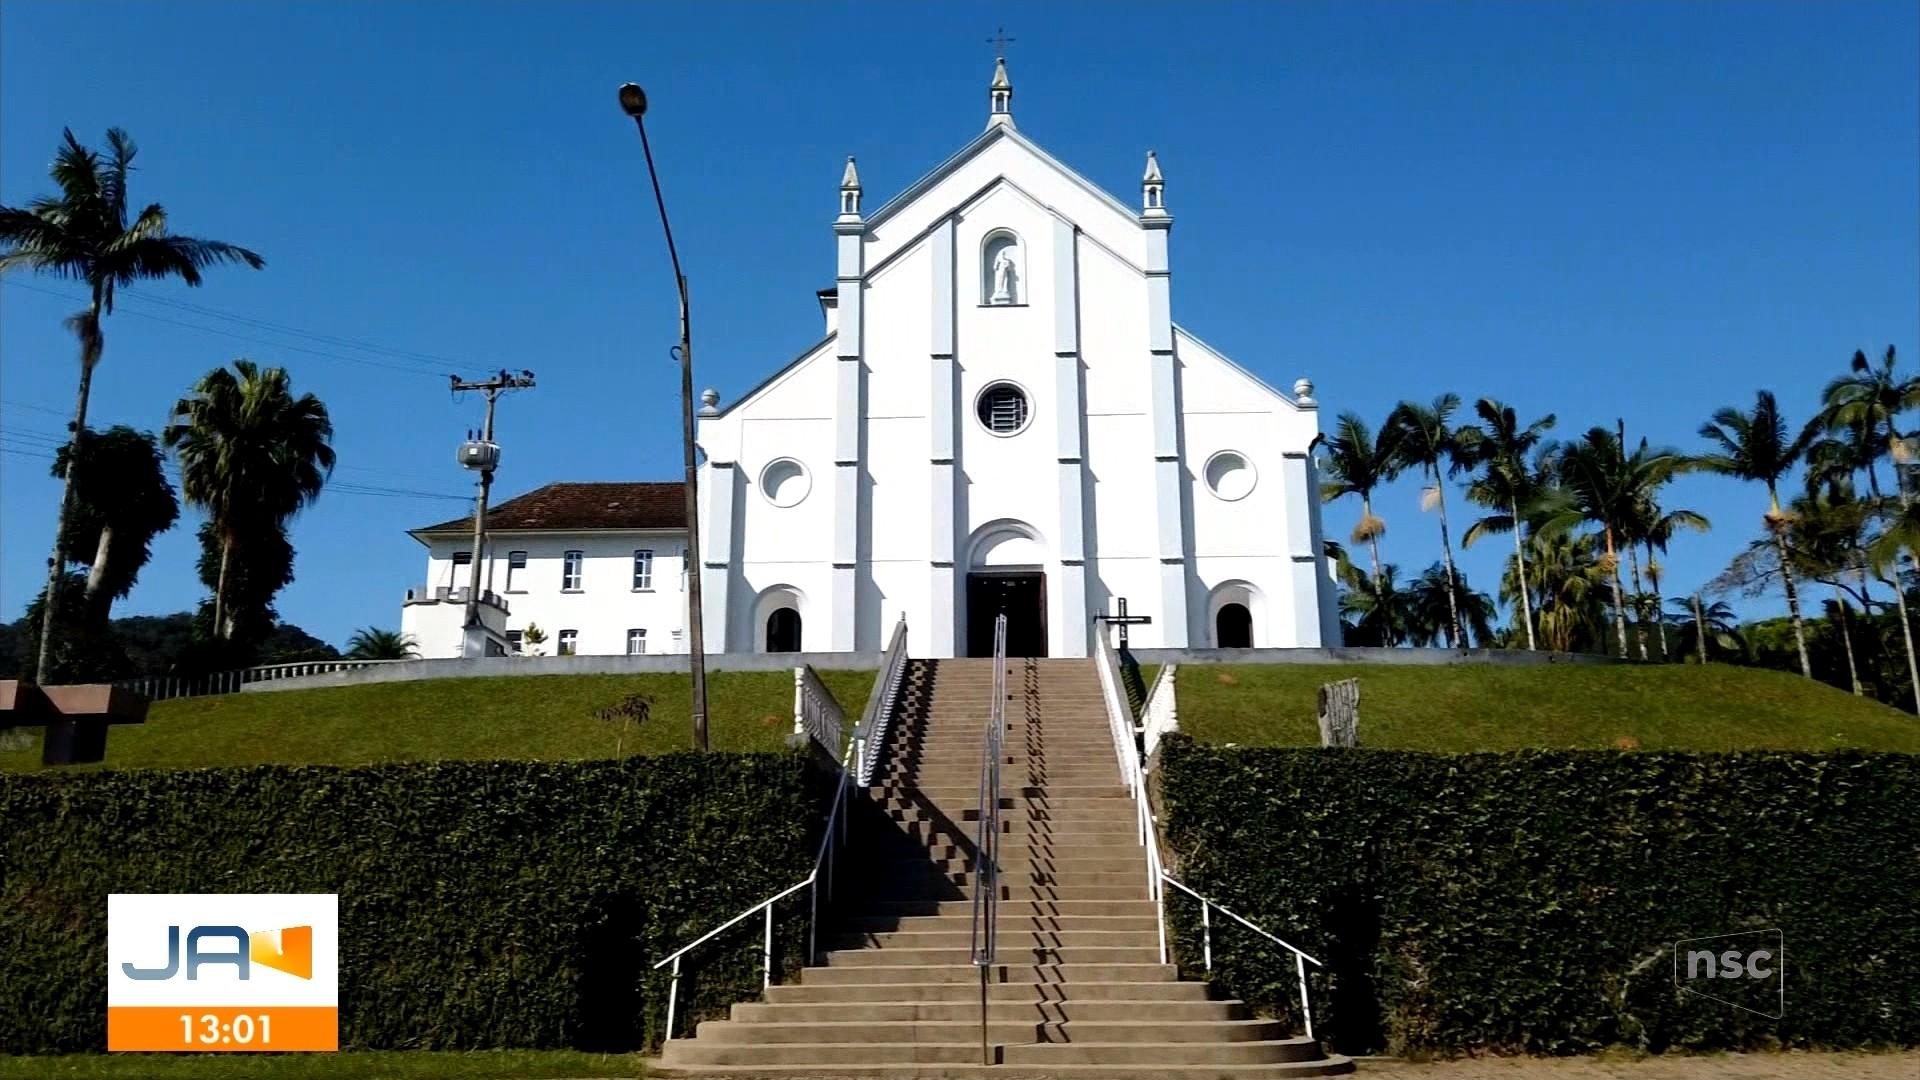 Centenárias do Vale, História e Fé: igrejas e suas histórias